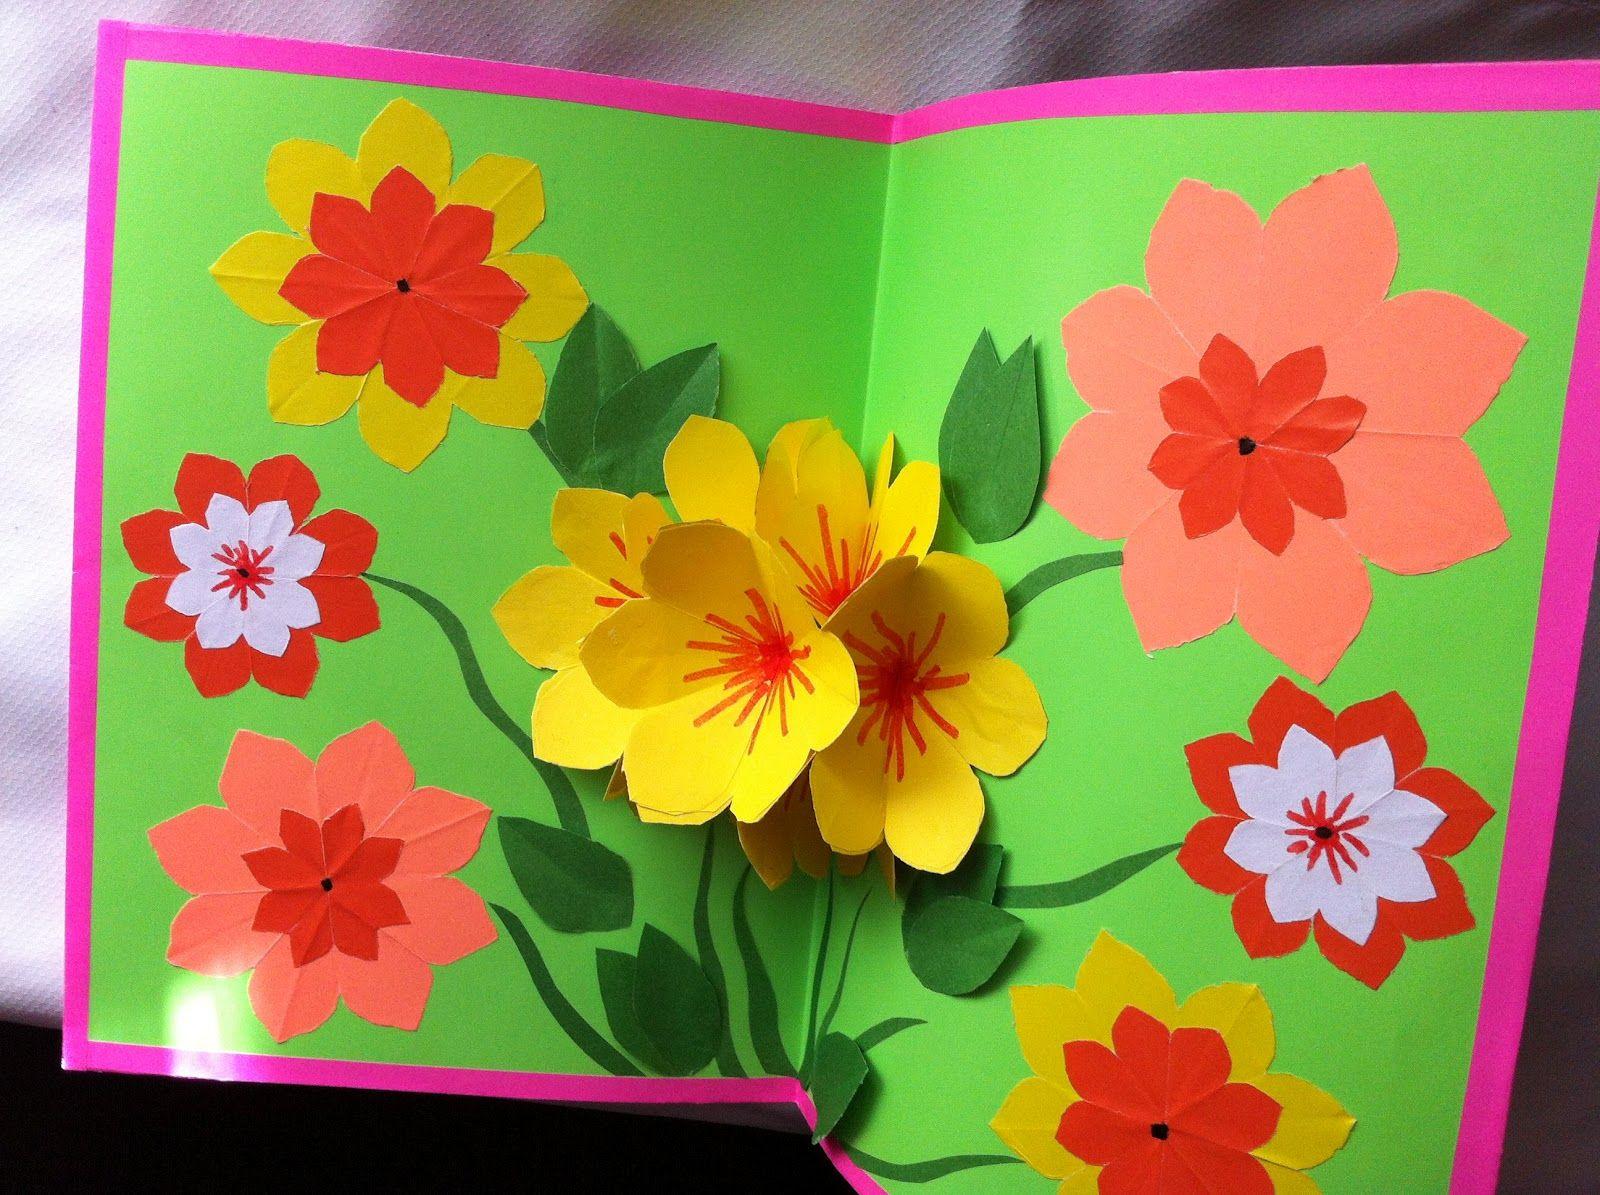 Идеи открыток для мамы на день мамы, открытки февраля